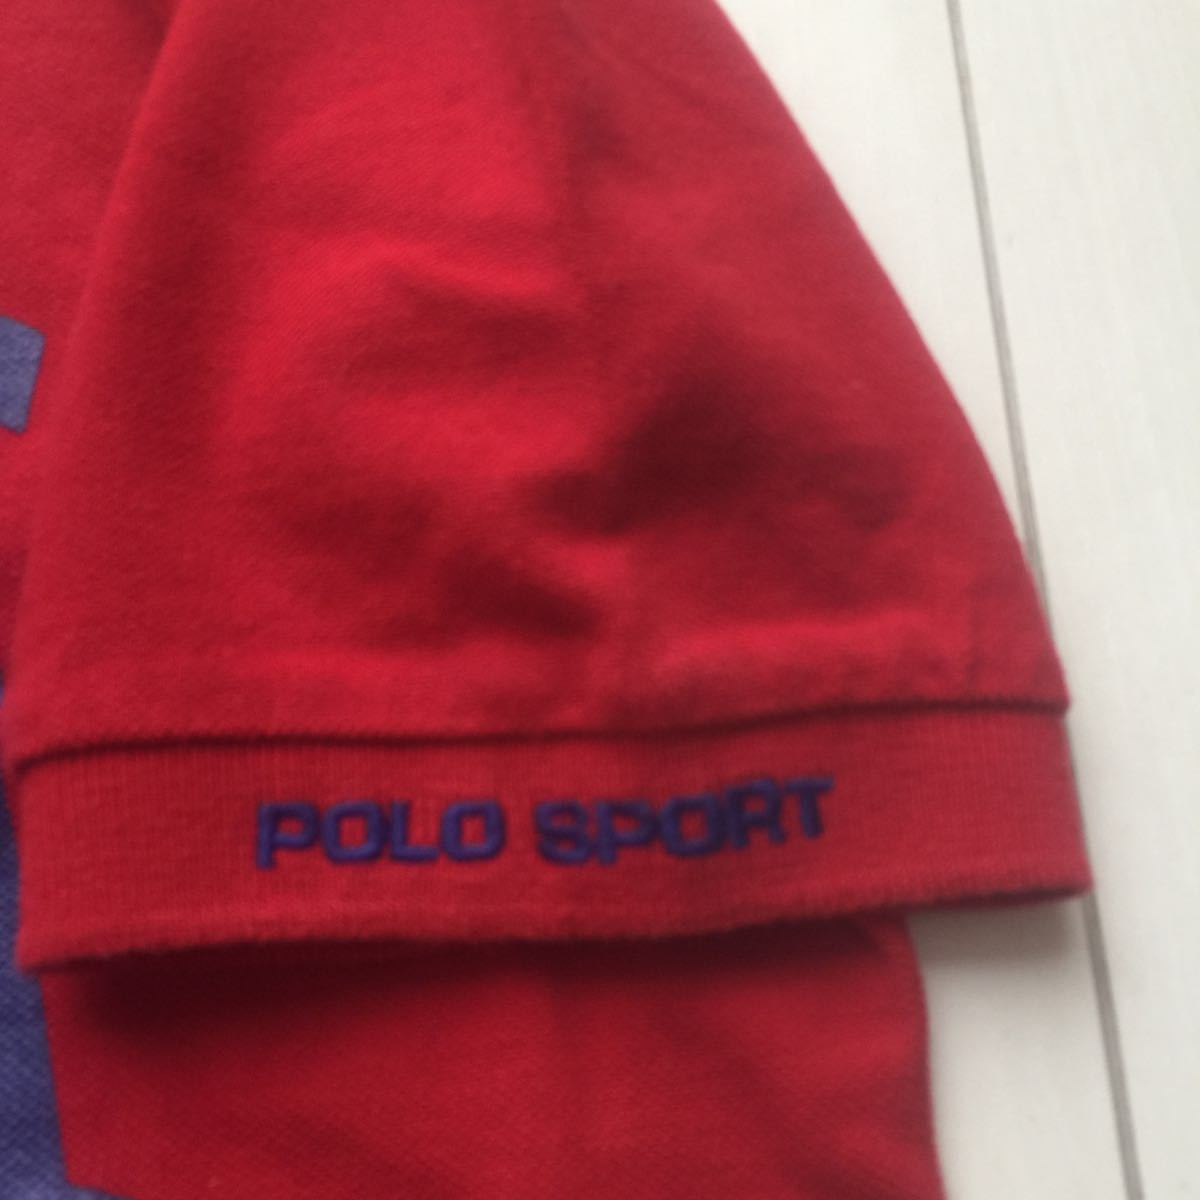 送料無料 90s polo sport ポロスポーツ ラルフローレン USA アーチロゴ ポロシャツ vintage ビンテージ レッド バーガンディ M rrl country_画像5